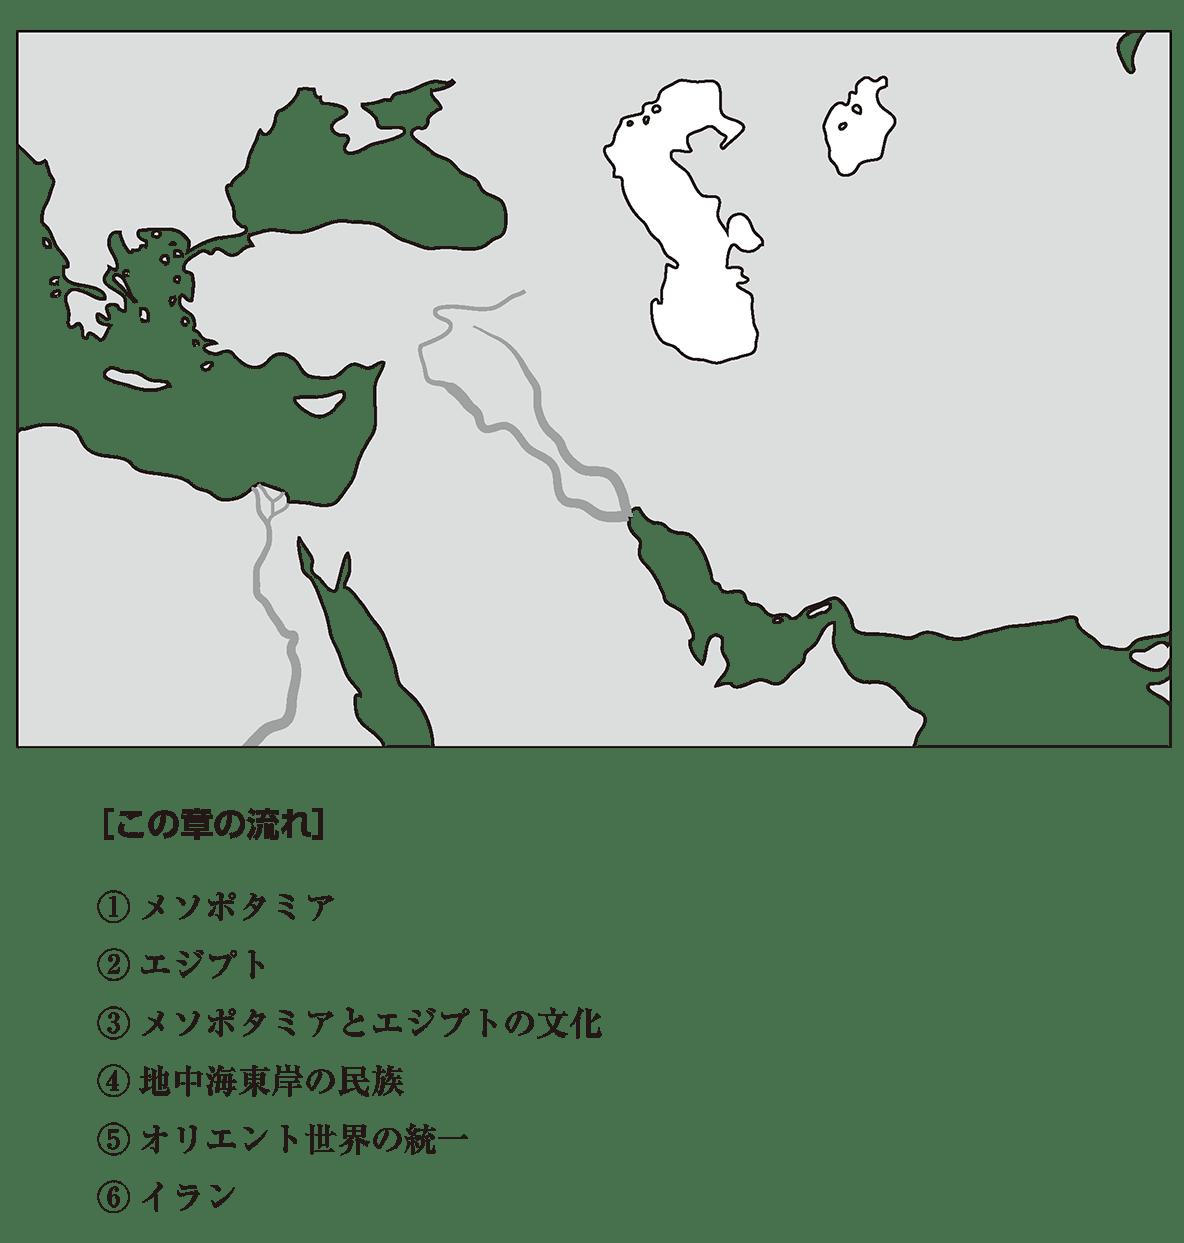 高校世界史 古代オリエント0 右ページの地図と下部のテキスト